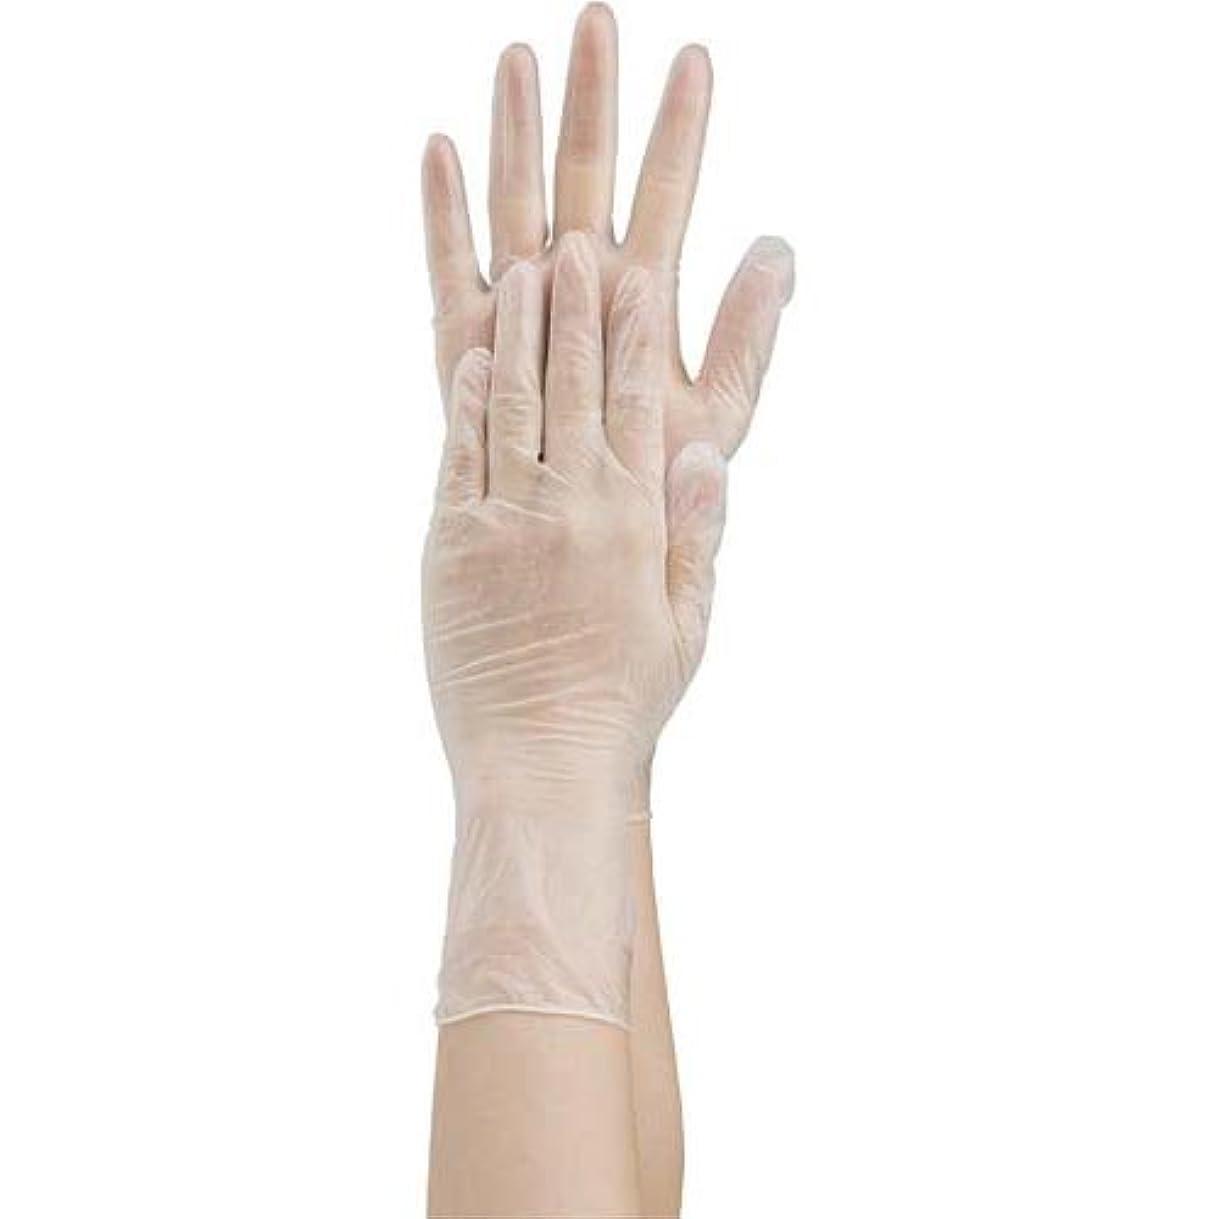 病んでいる南招待共和 プラスチック手袋 粉付 No.1500 S 10箱